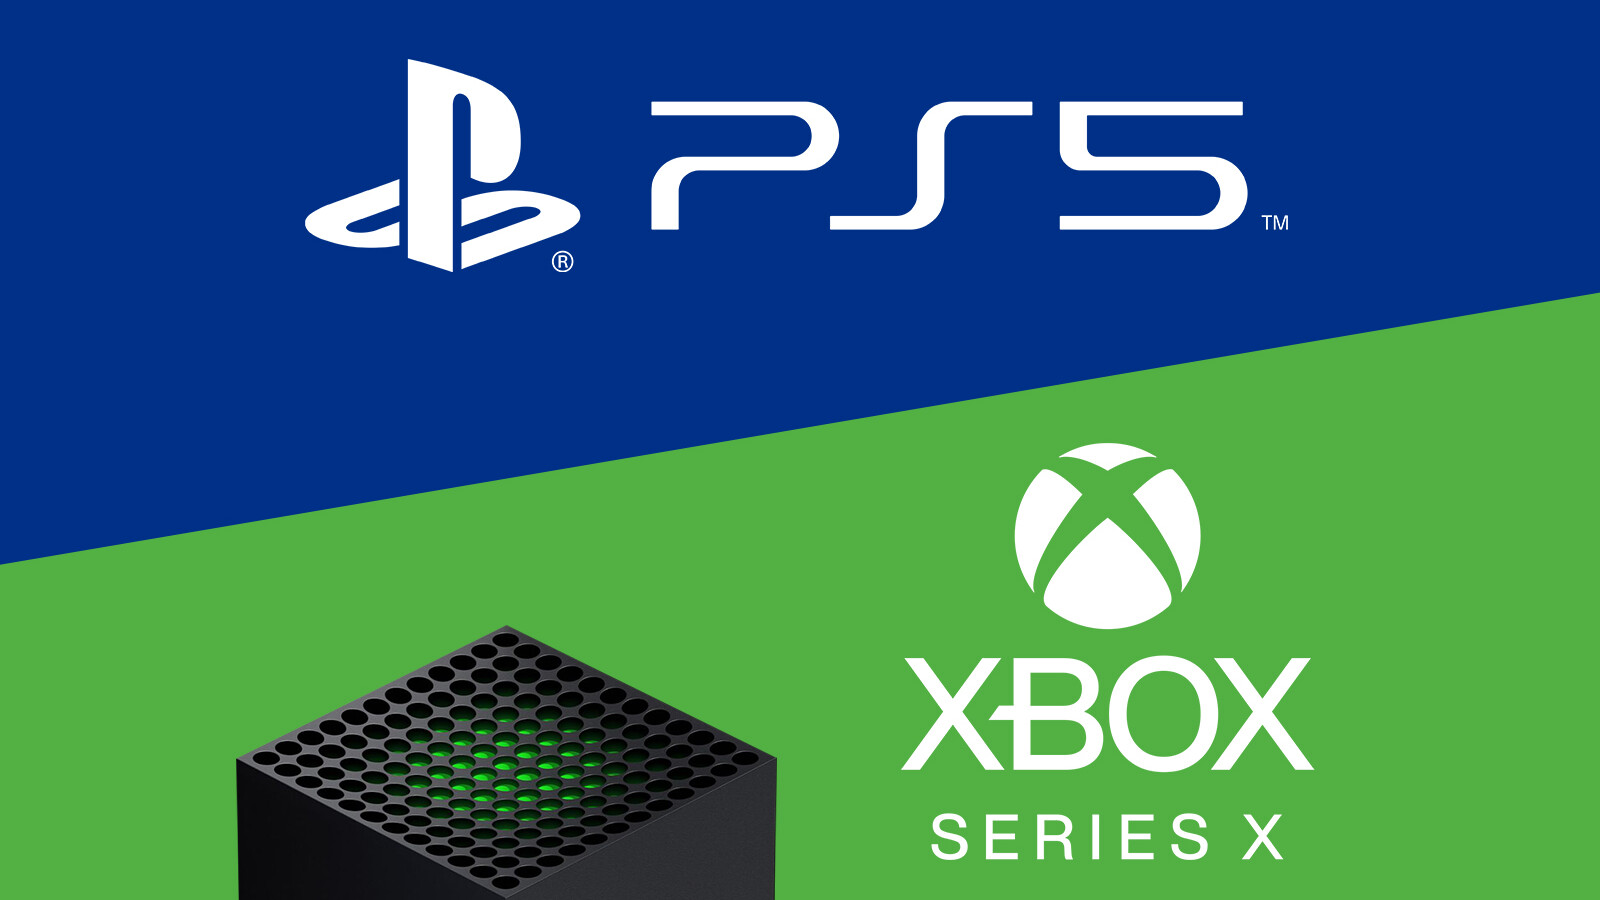 Nach der PS5-Vorstellung: Xbox Series X-Chef Spencer ist nun noch zufriedener